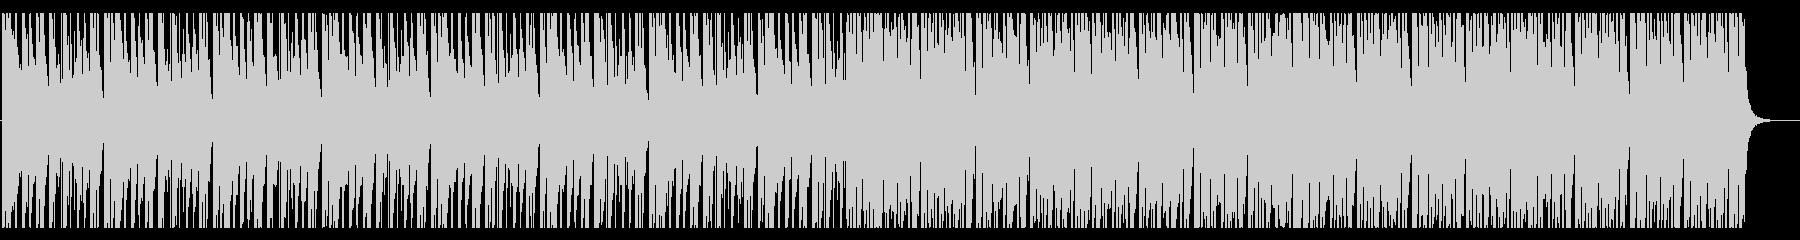 キラキラ/ピアノハウス_No423_2の未再生の波形